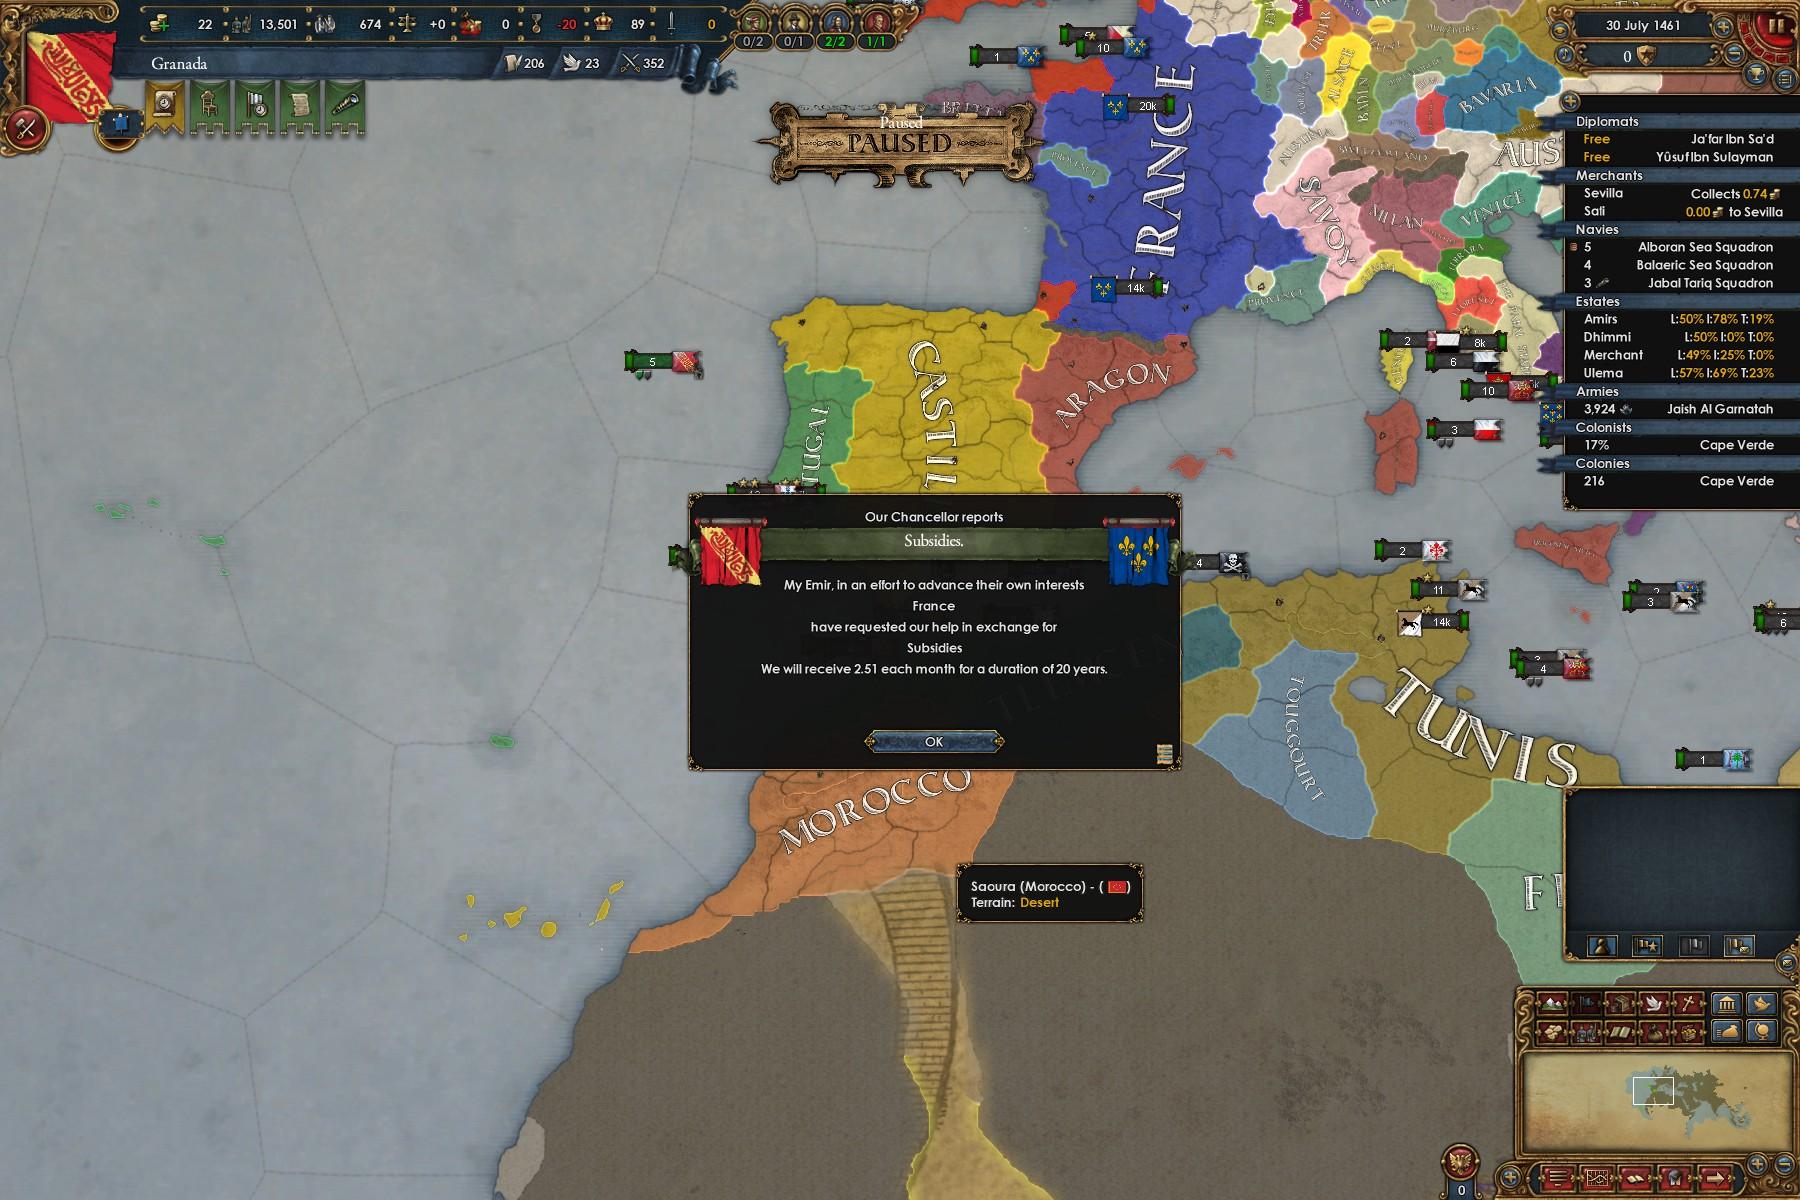 Granada Reconquista strategy 1 19 | Page 2 | Paradox